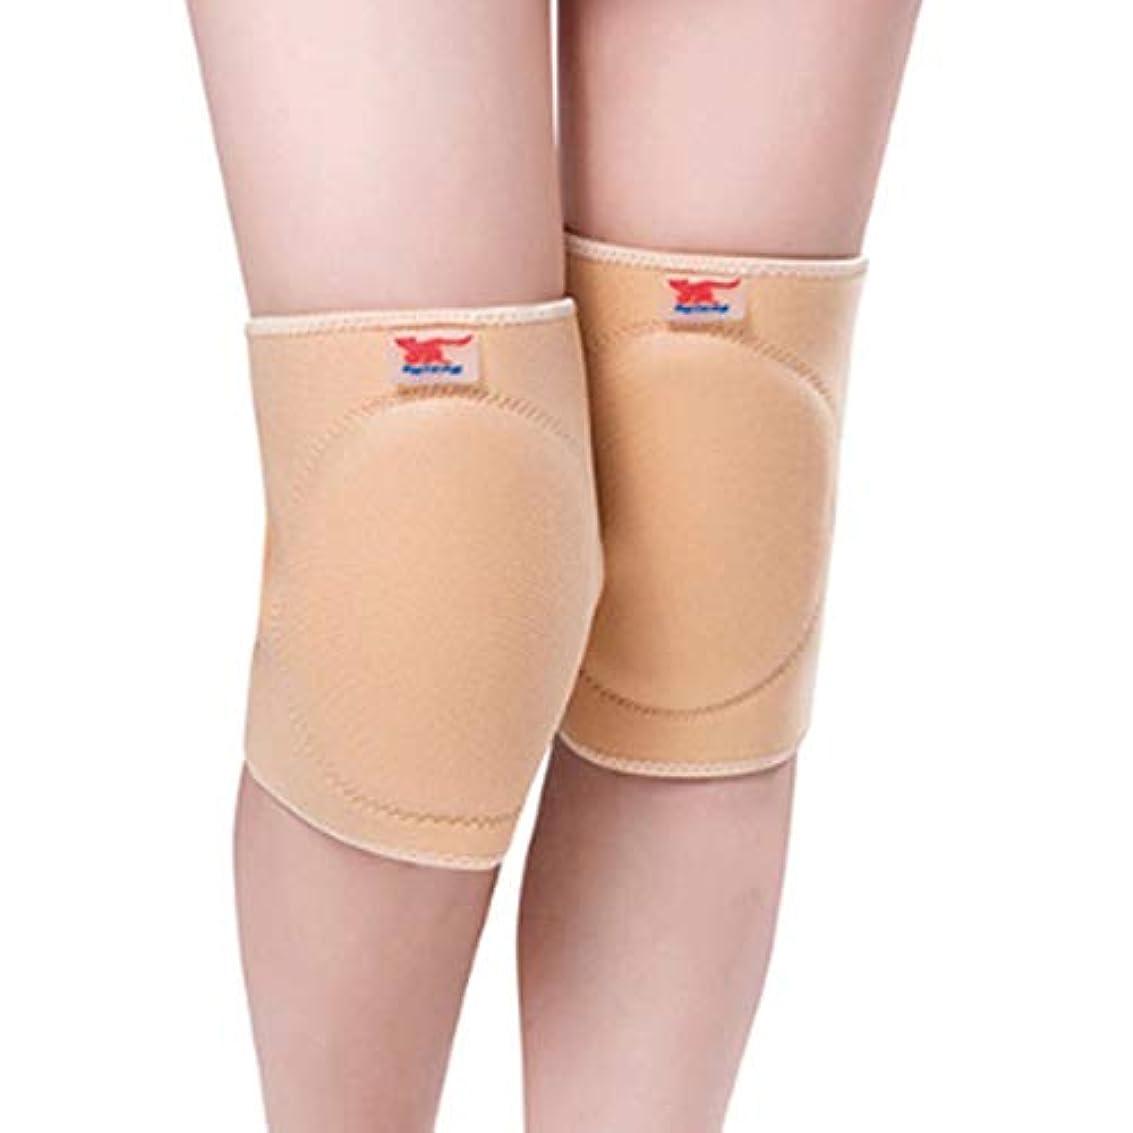 脆い施し改革反膝パッドウール防止関節炎保温暖かい膝サポート通気性肥厚膝パッド安全膝ブレース